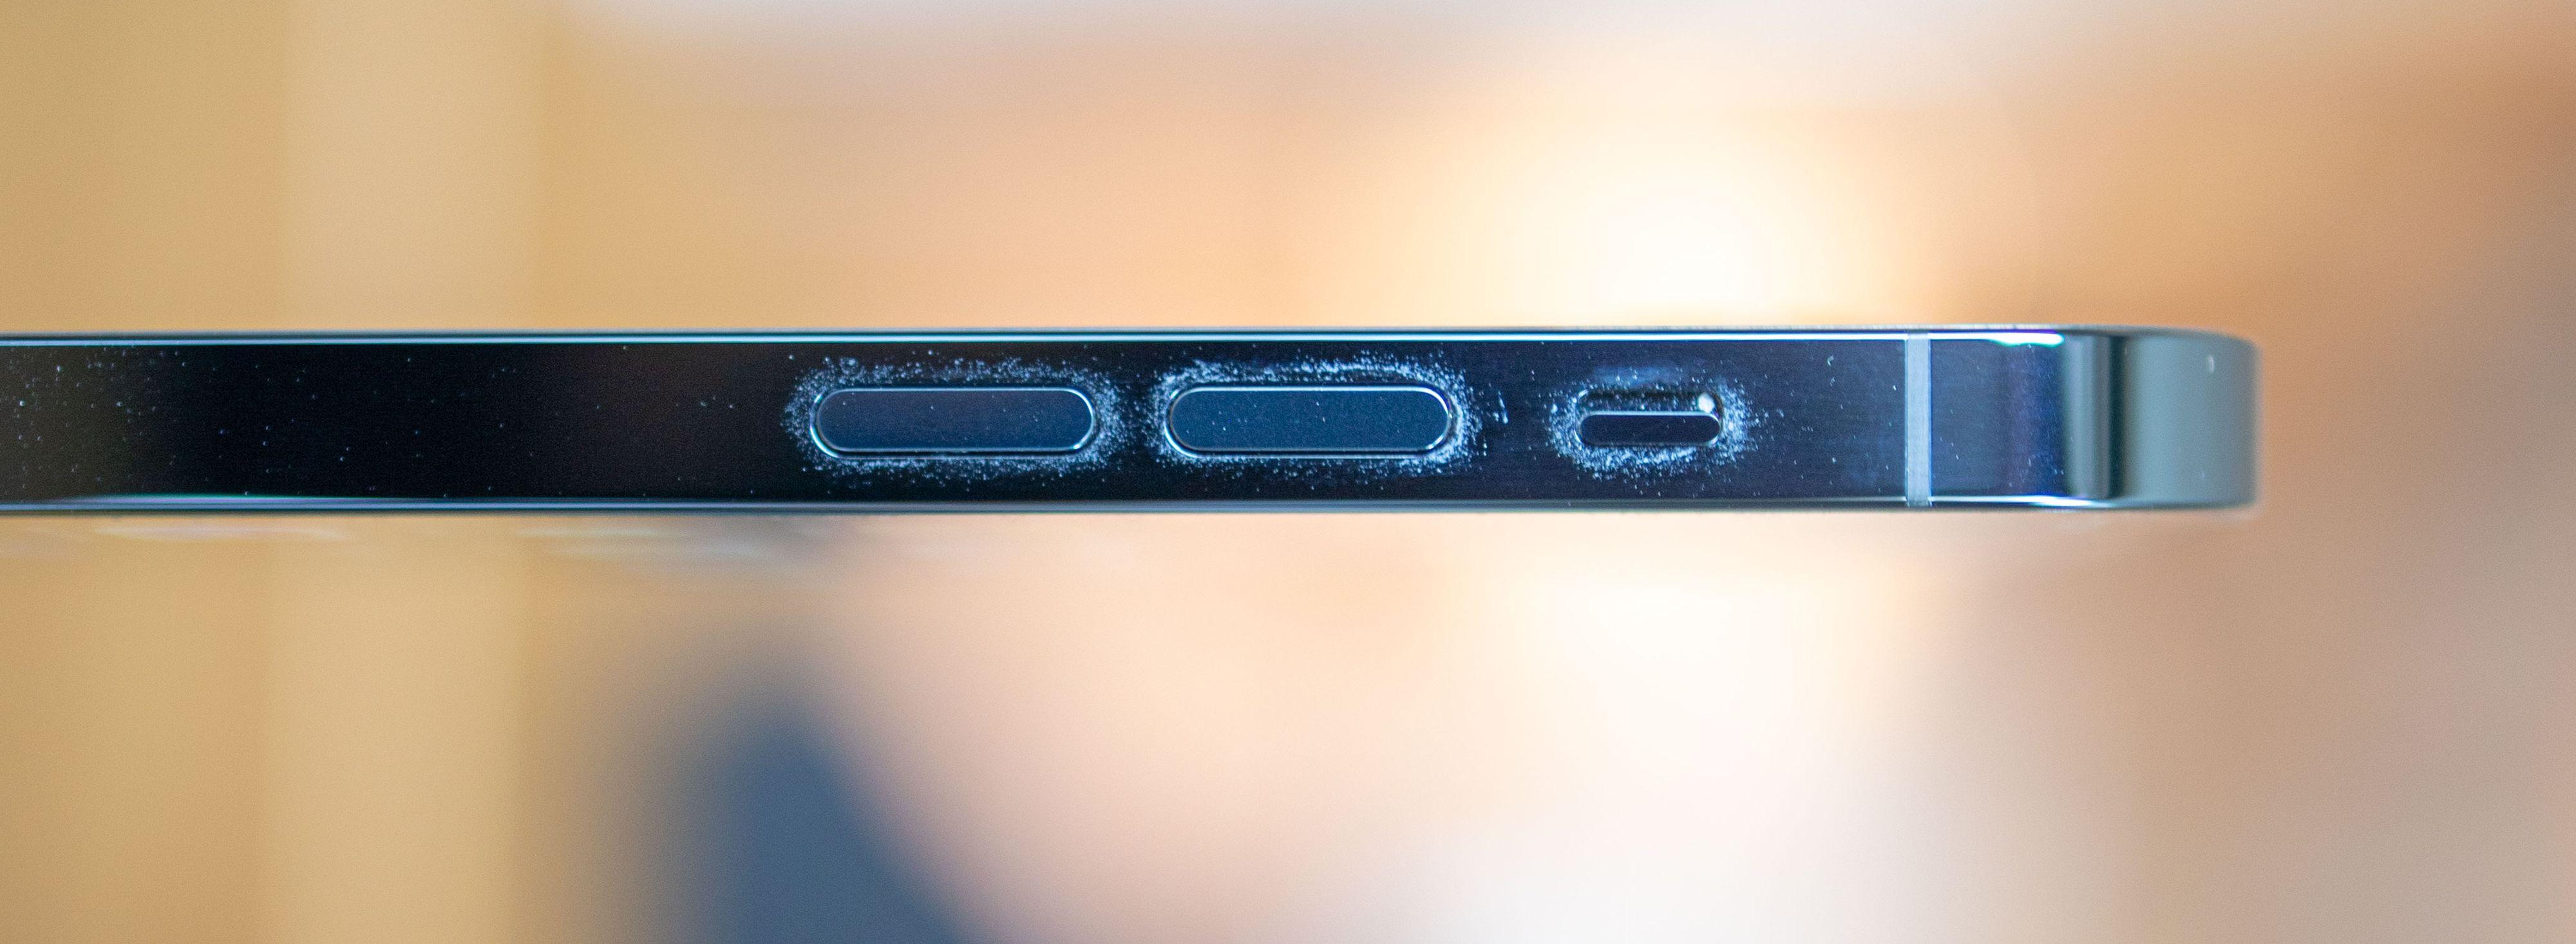 De blanke sidene er magneter for fingeravtrykk og fettmerker. Men det ser fint ut på avstand, da!